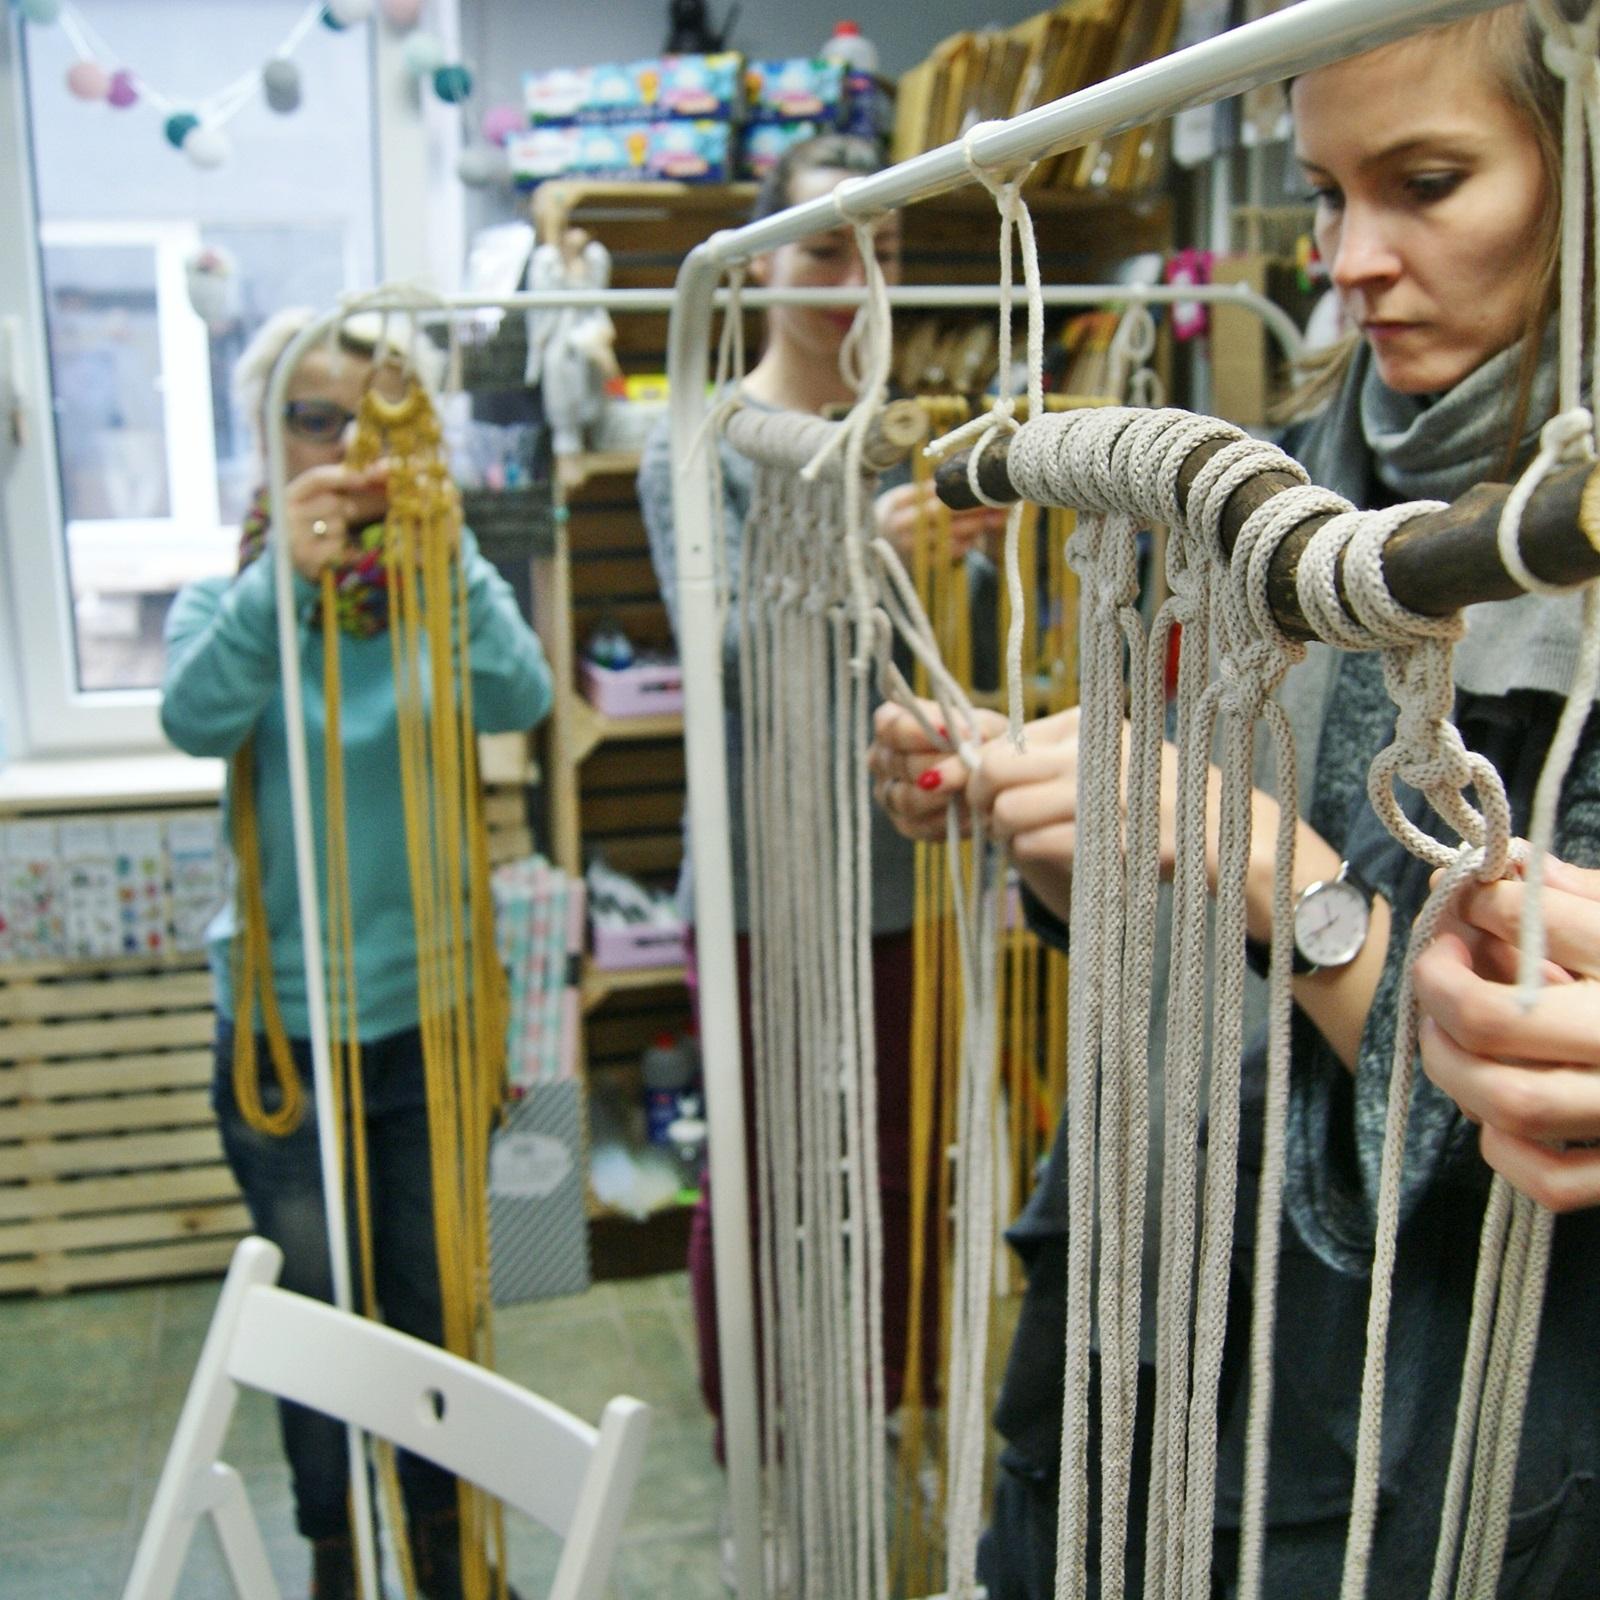 Warsztaty makramy w Papierowe Love - sklepie papierniczym i pracowni rękodzieła w Siechnicach.